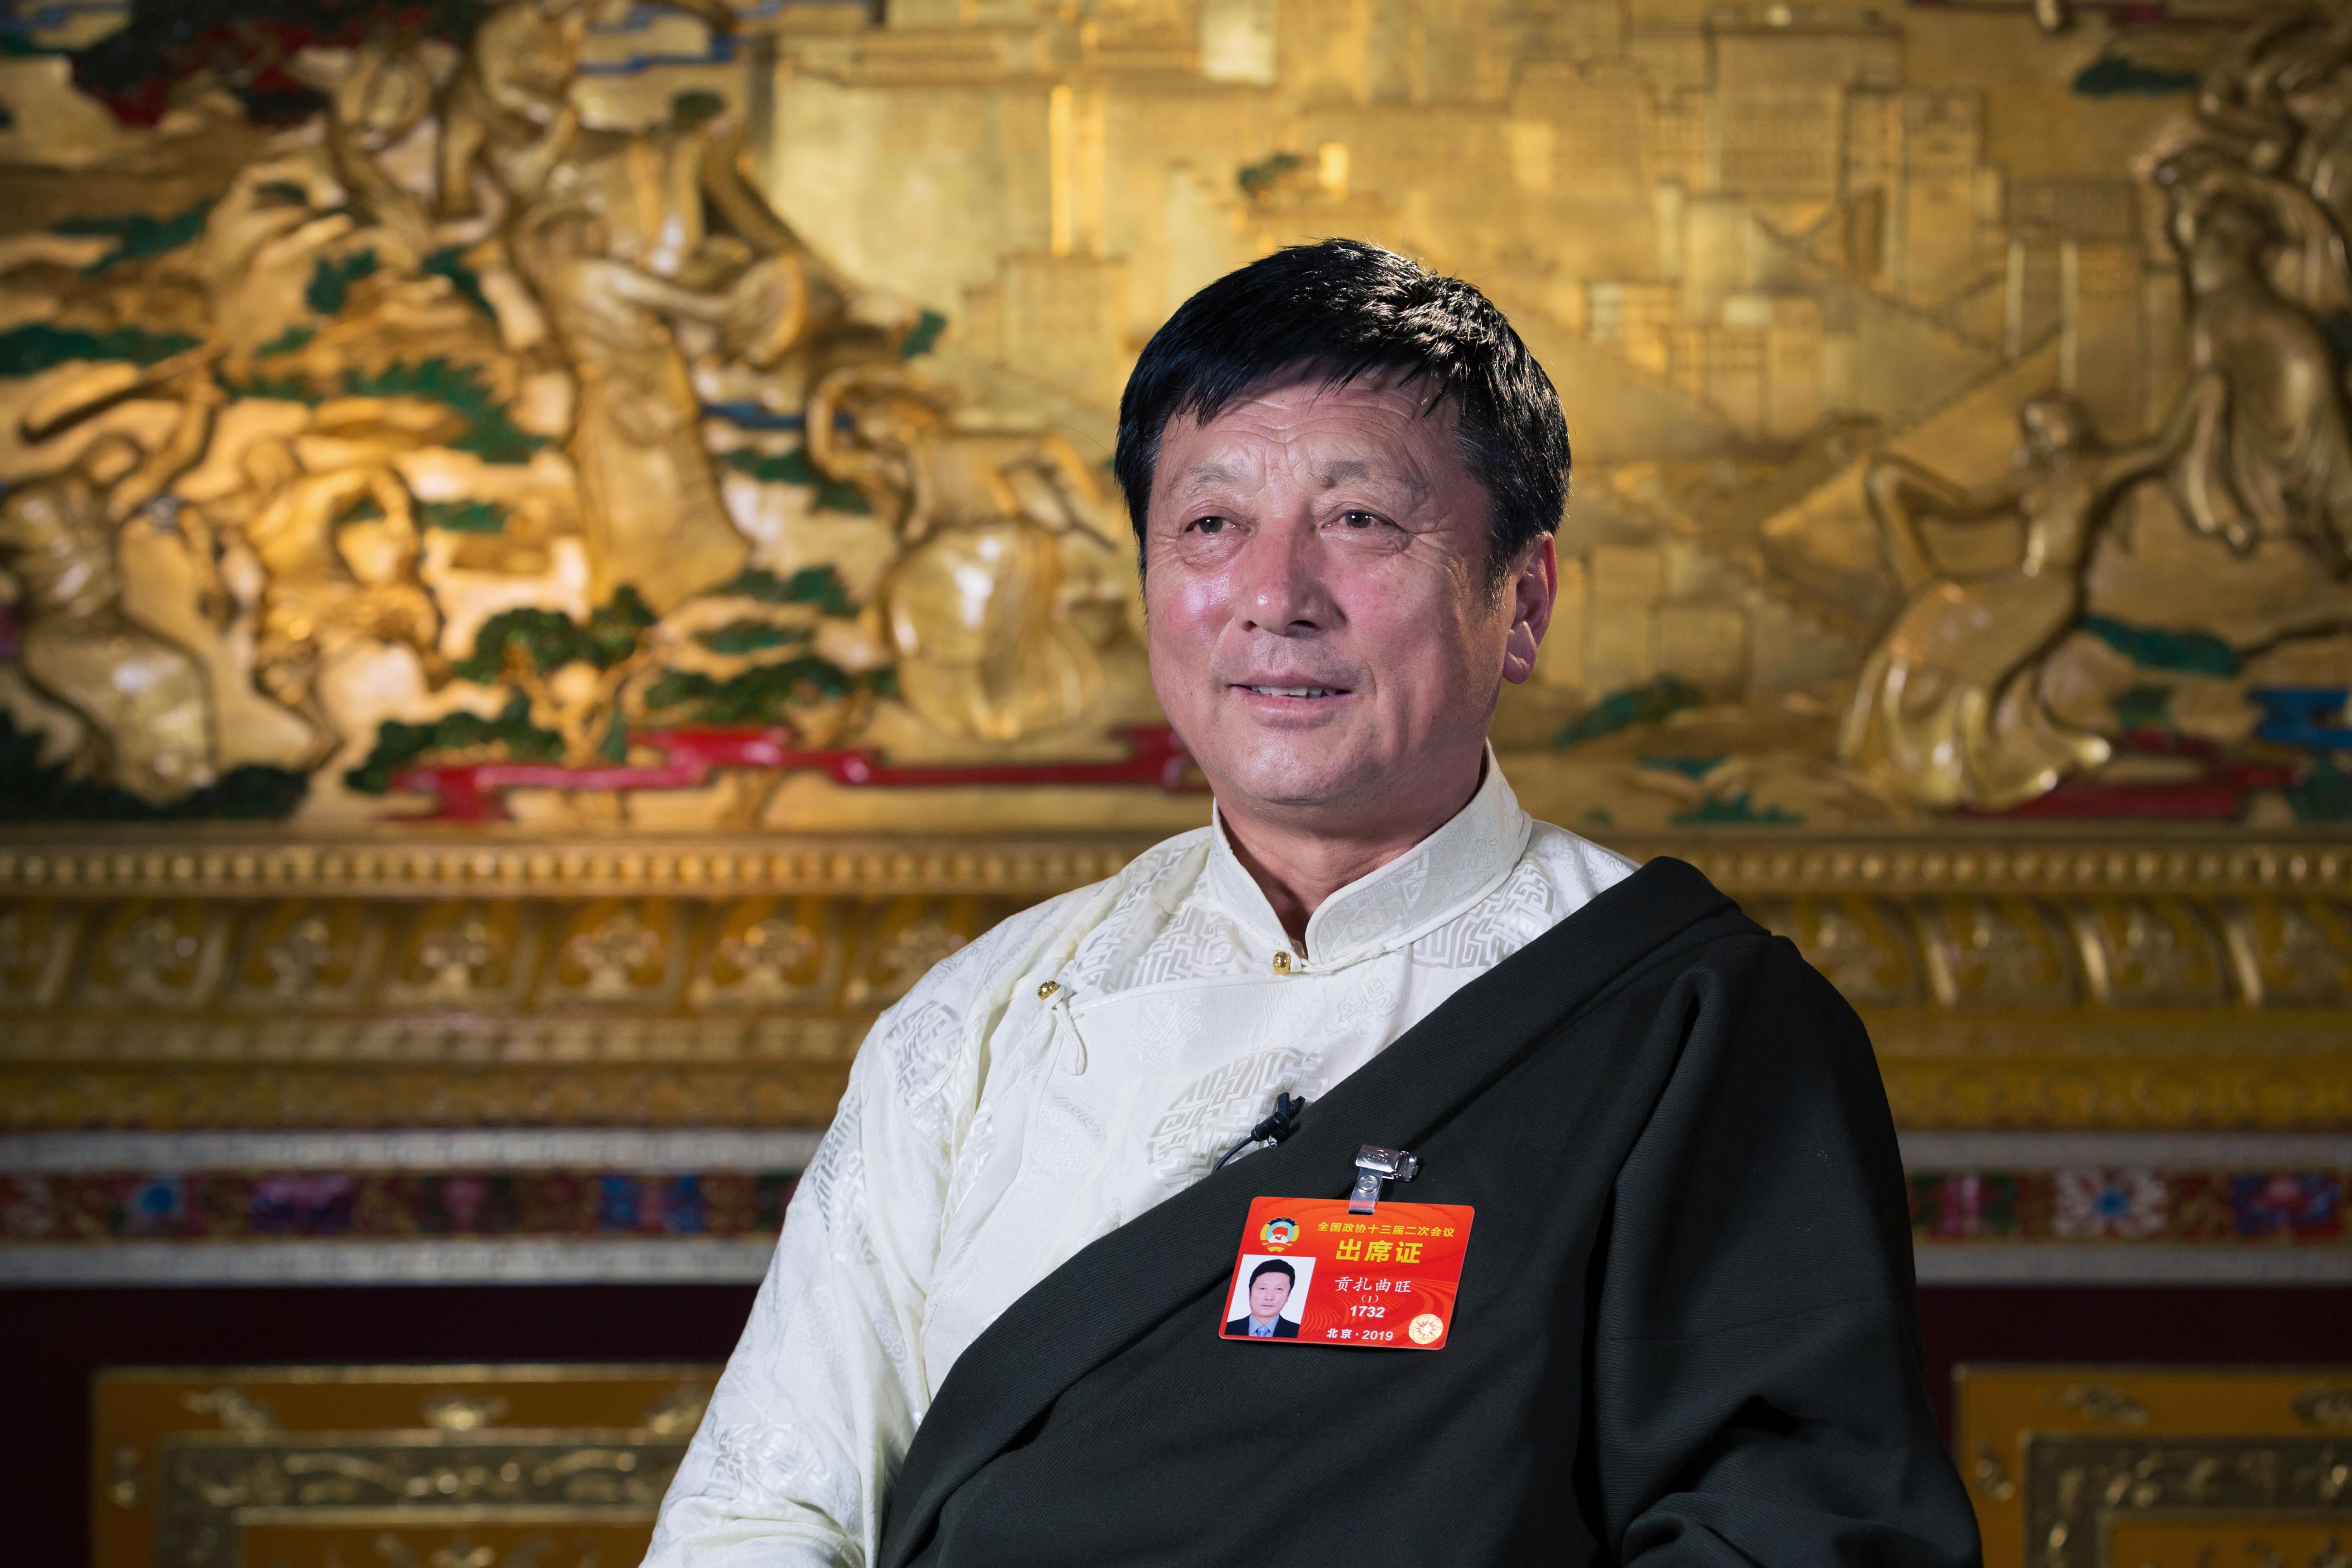 拉萨副市长贡扎曲旺:以实际行动贯彻习近平新时代中国特色社会主义思想